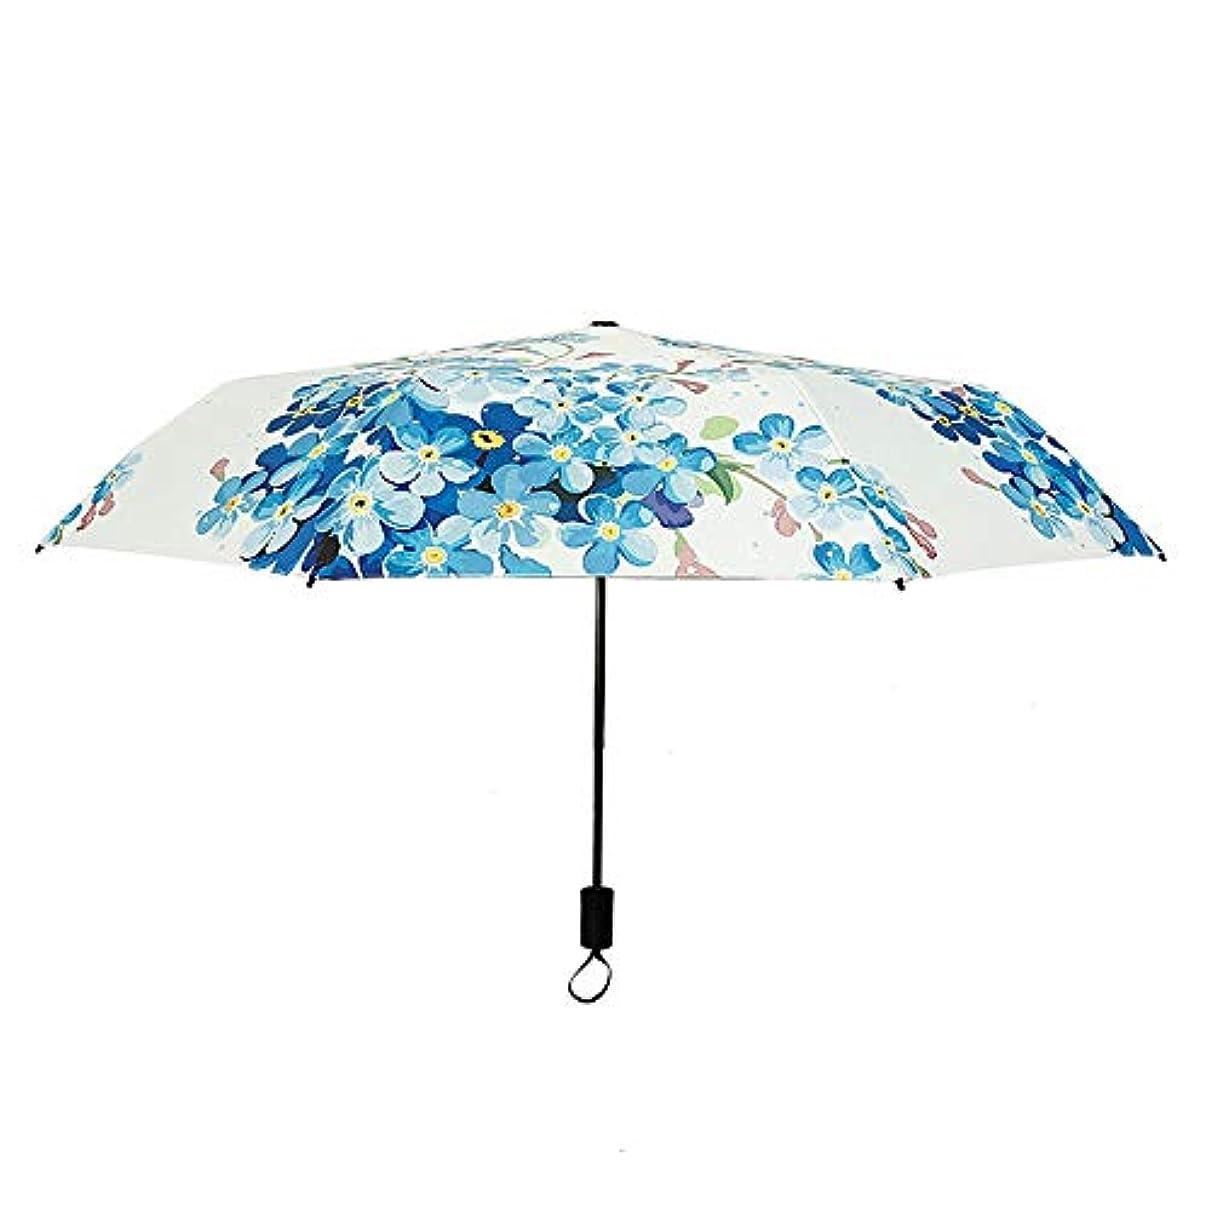 取り出すレーザ一族Chireeko(チレエコ) レディース傘 傘 ジャンプ傘 折りたたみ傘 雨傘 日傘 晴雨兼用 軽量 190T UVカット 紫外線遮蔽 遮光 撥水 耐久 耐風 3段畳み 収納ポーチ付き おしゃれ ギフト